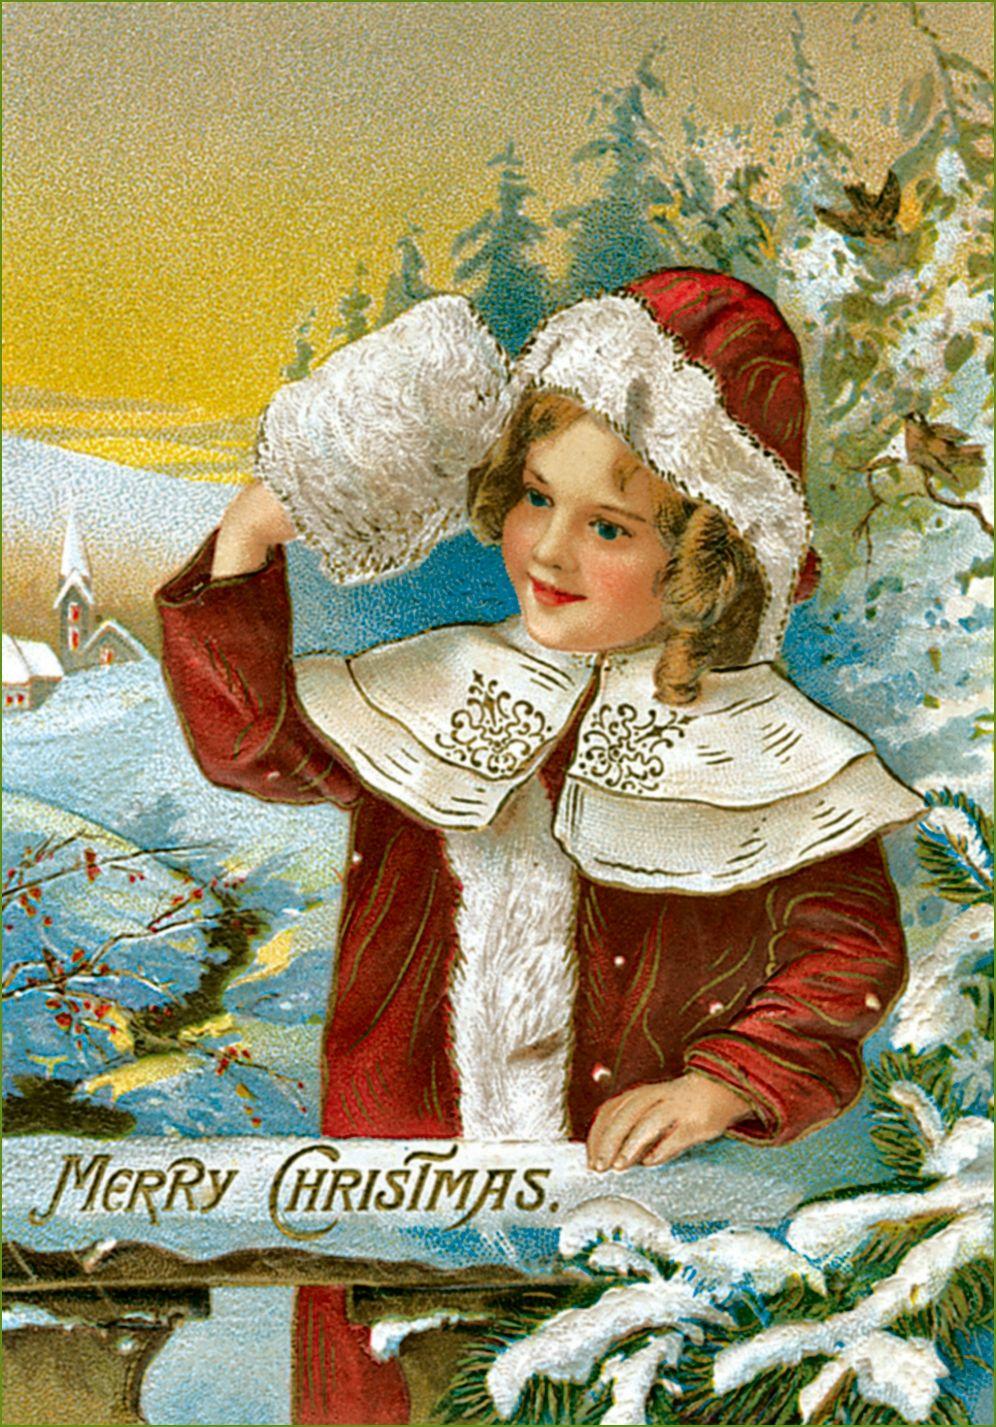 holidays mary christmas cards text amp clip artvintage